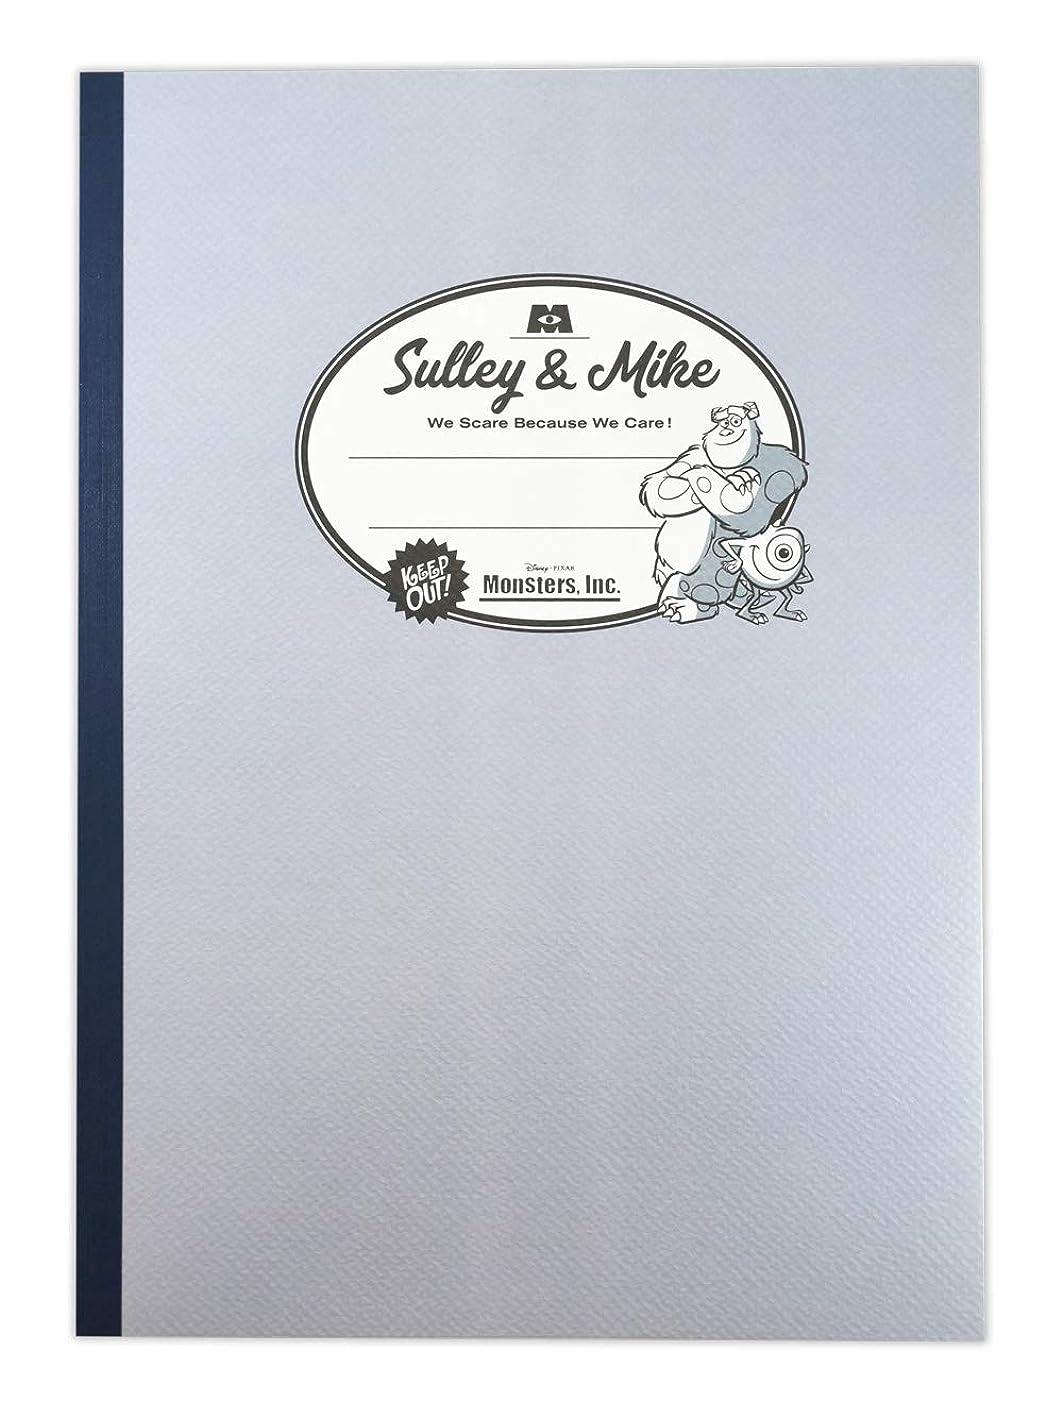 コンプリート面白いパークデルフィーノ ディズニー B5ノート サリー&マイク DZ-80190